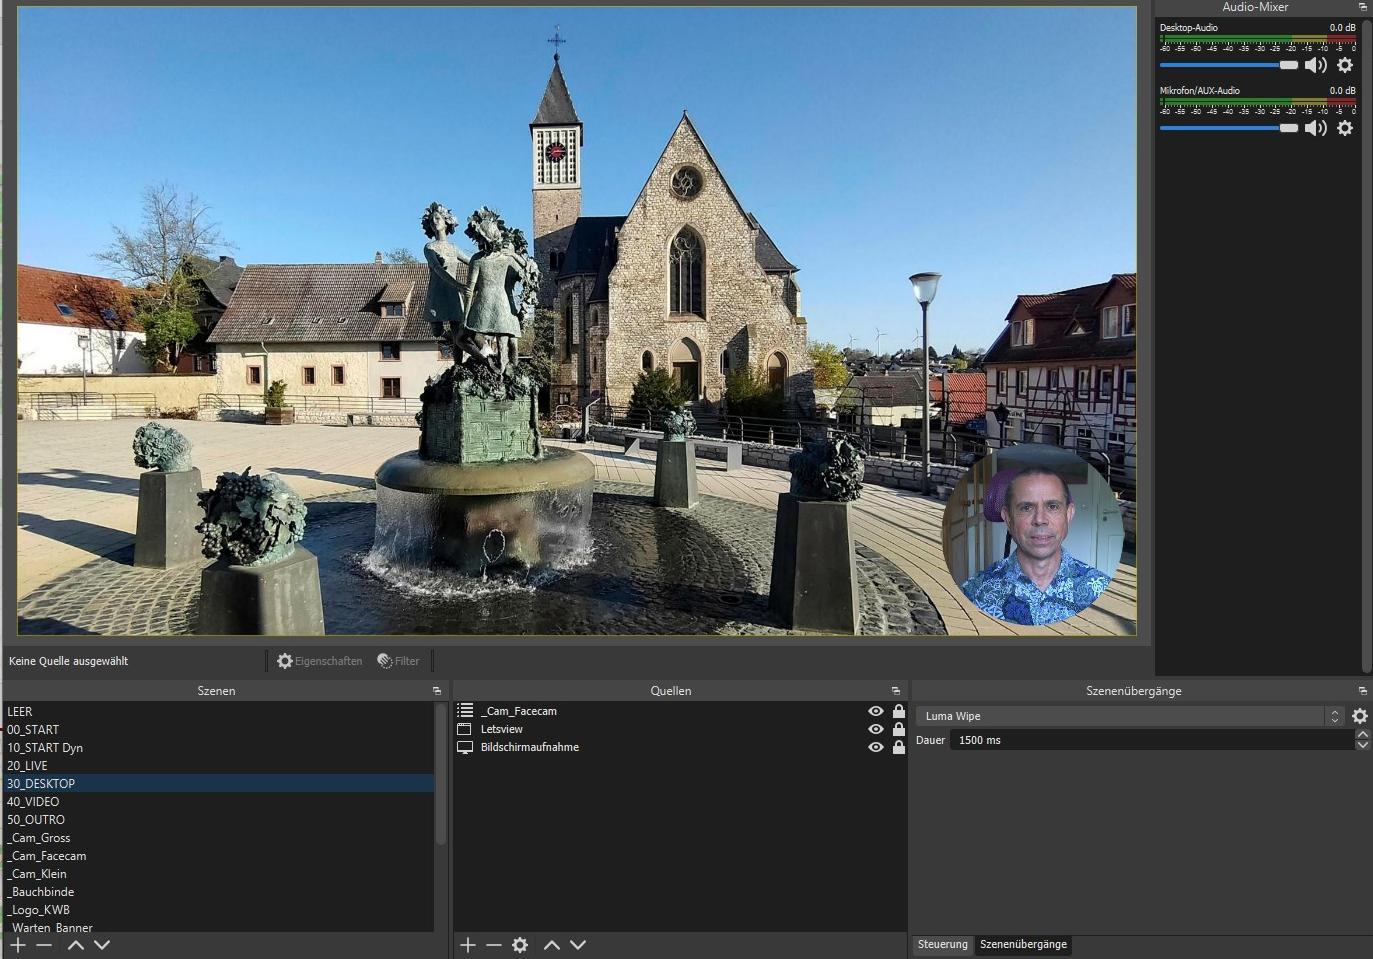 OBS Studio bei Virtueller Weinwanderung: Desktopszene